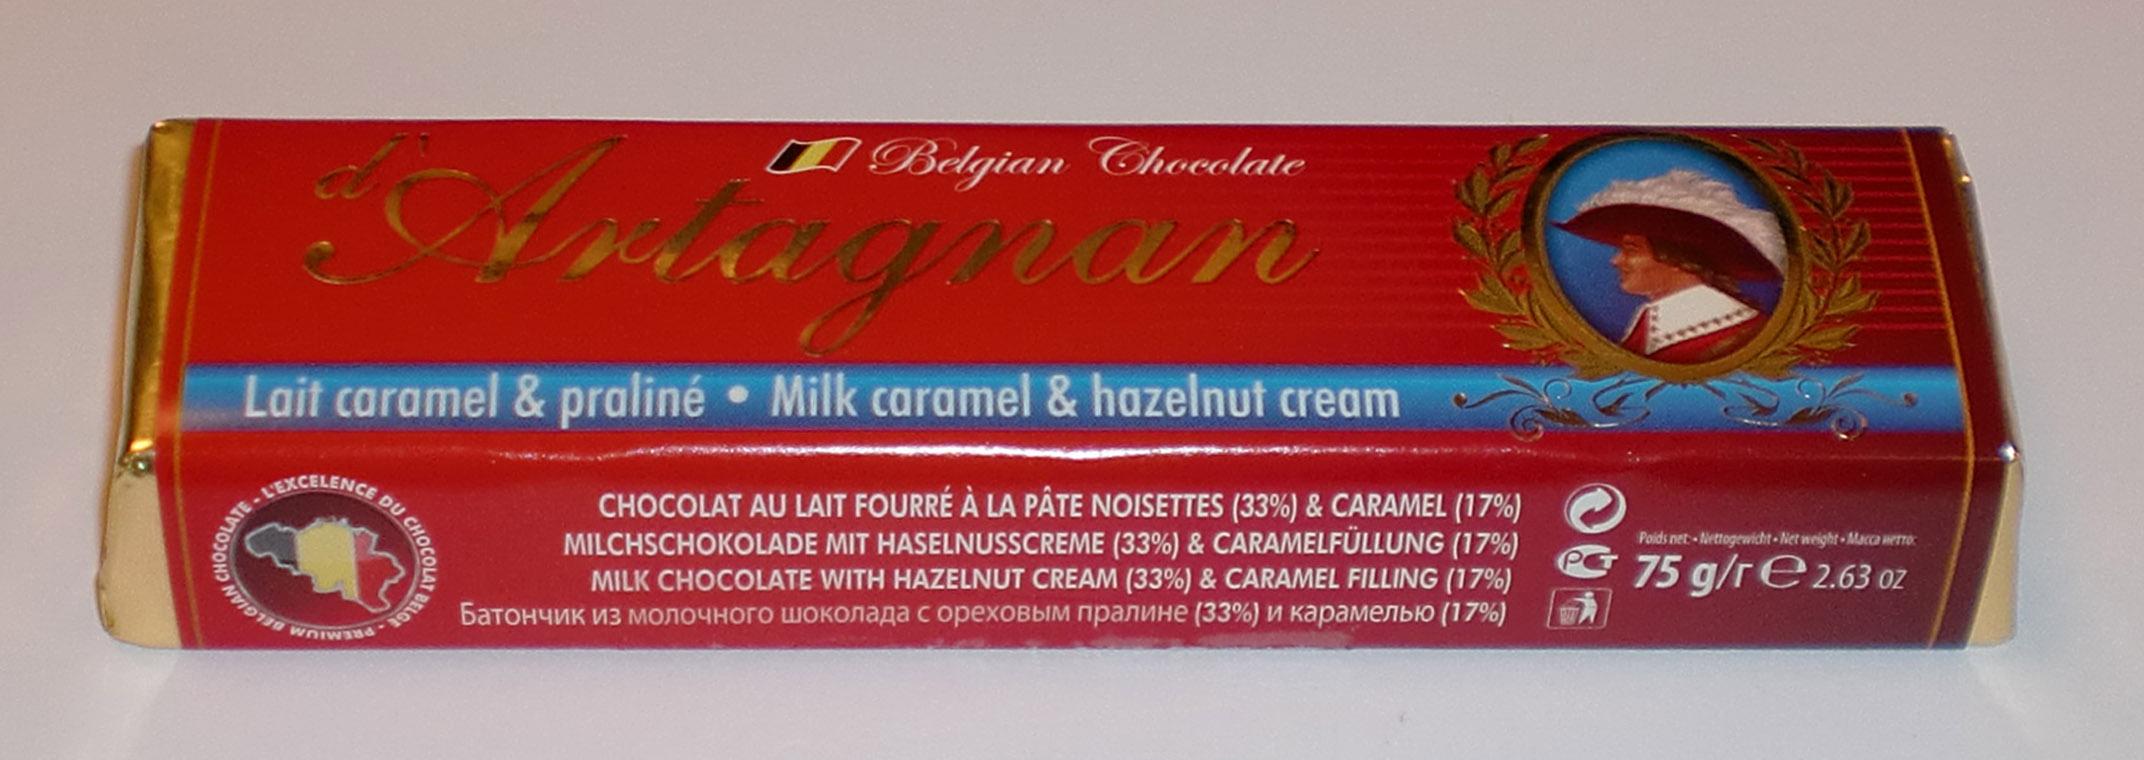 D1271_-_Chocolat_lait_caramel_&_praliné.jpg